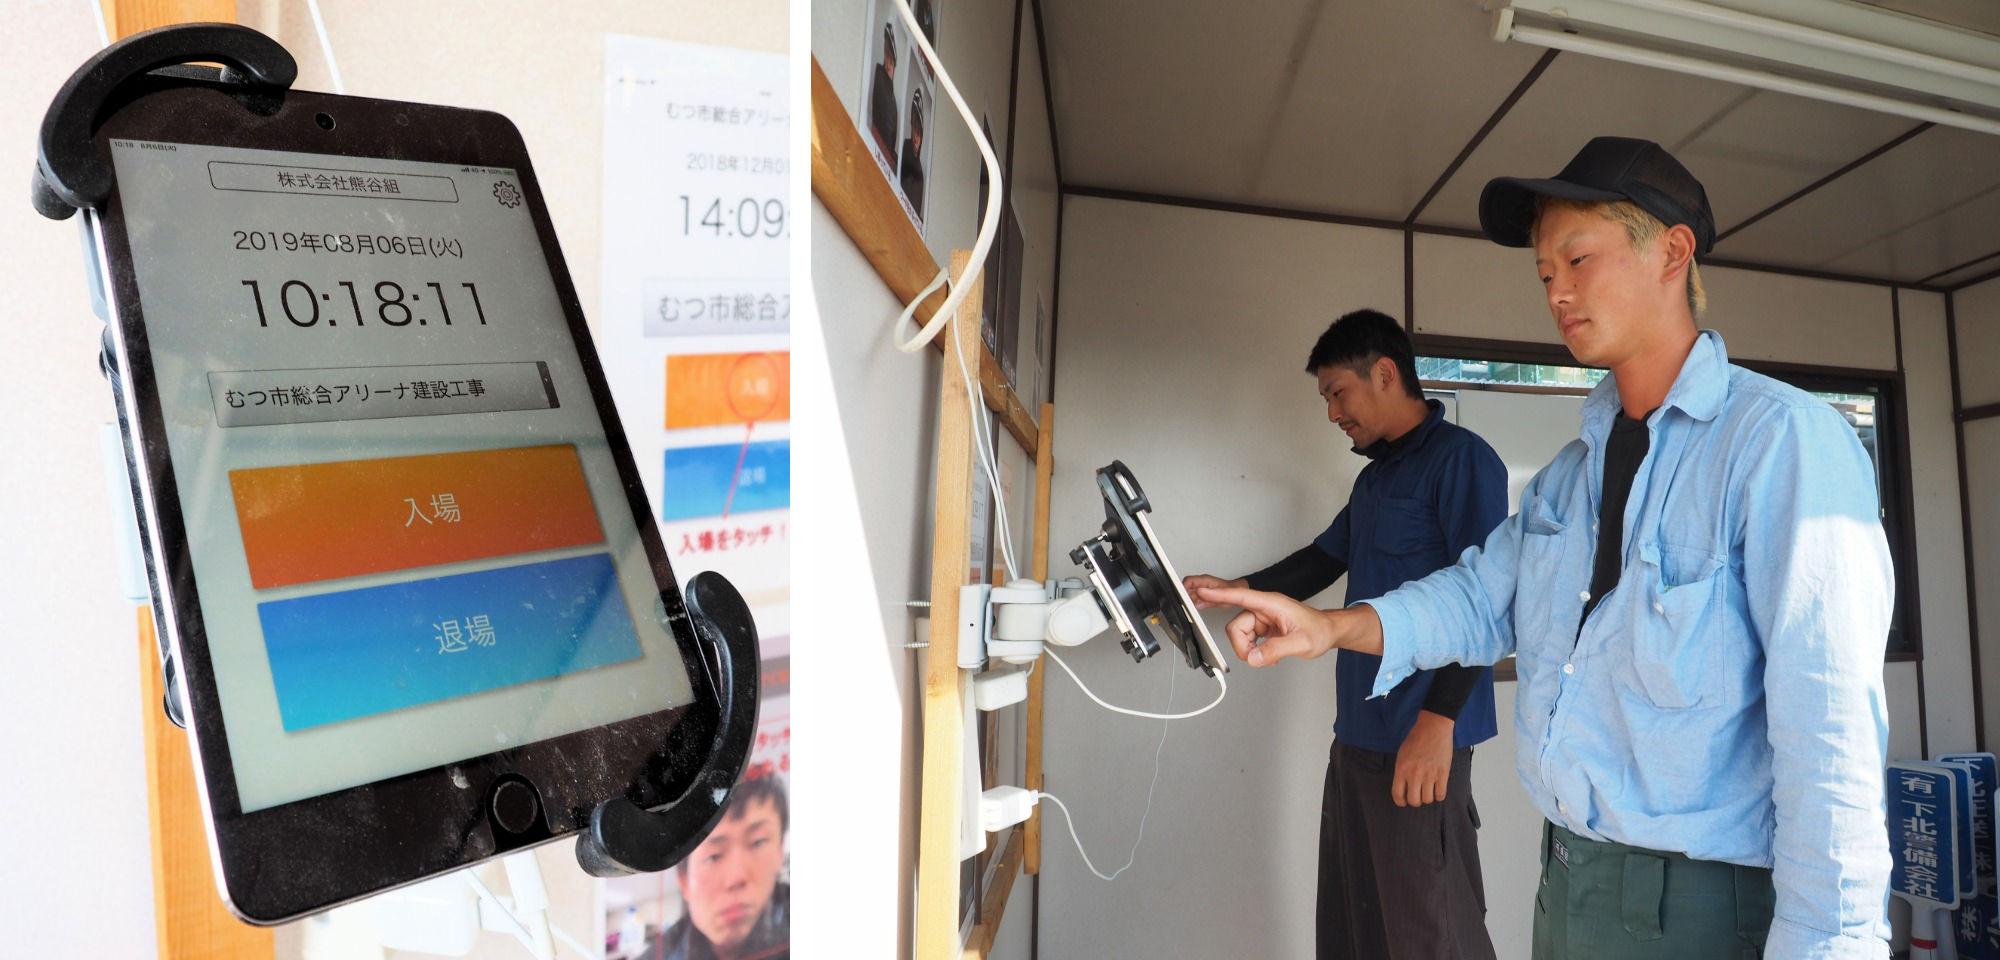 朝、出勤してきた作業員は、顔認証ハウス内に置かれたiPad(左)に顔を向けてボタンを押す(右)。そして2秒後には去って行く